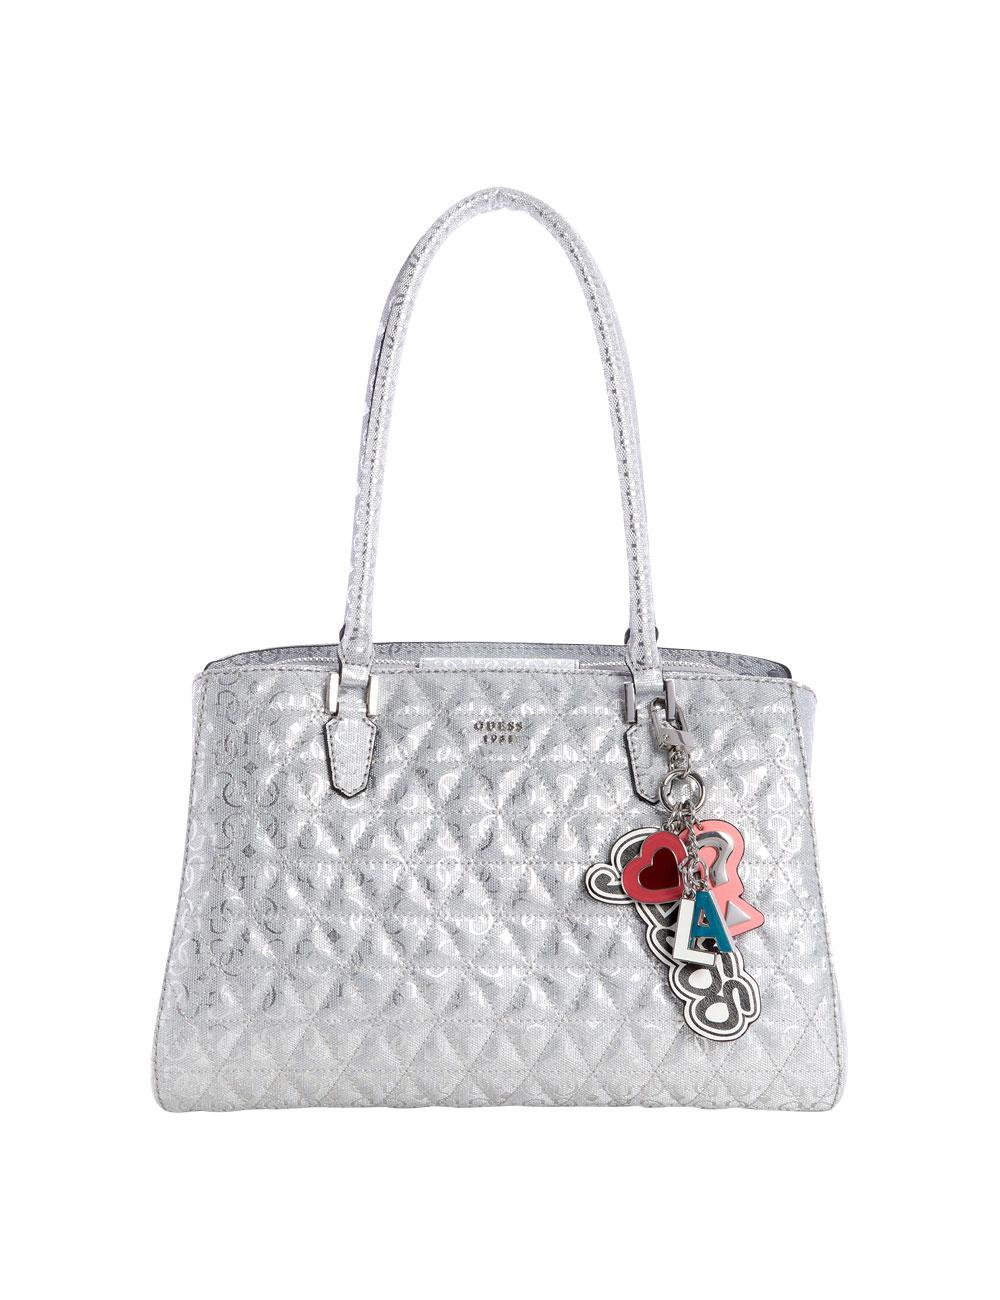 f923a7d296a3b Handtasche «Tabbi Girlfriend» Guess